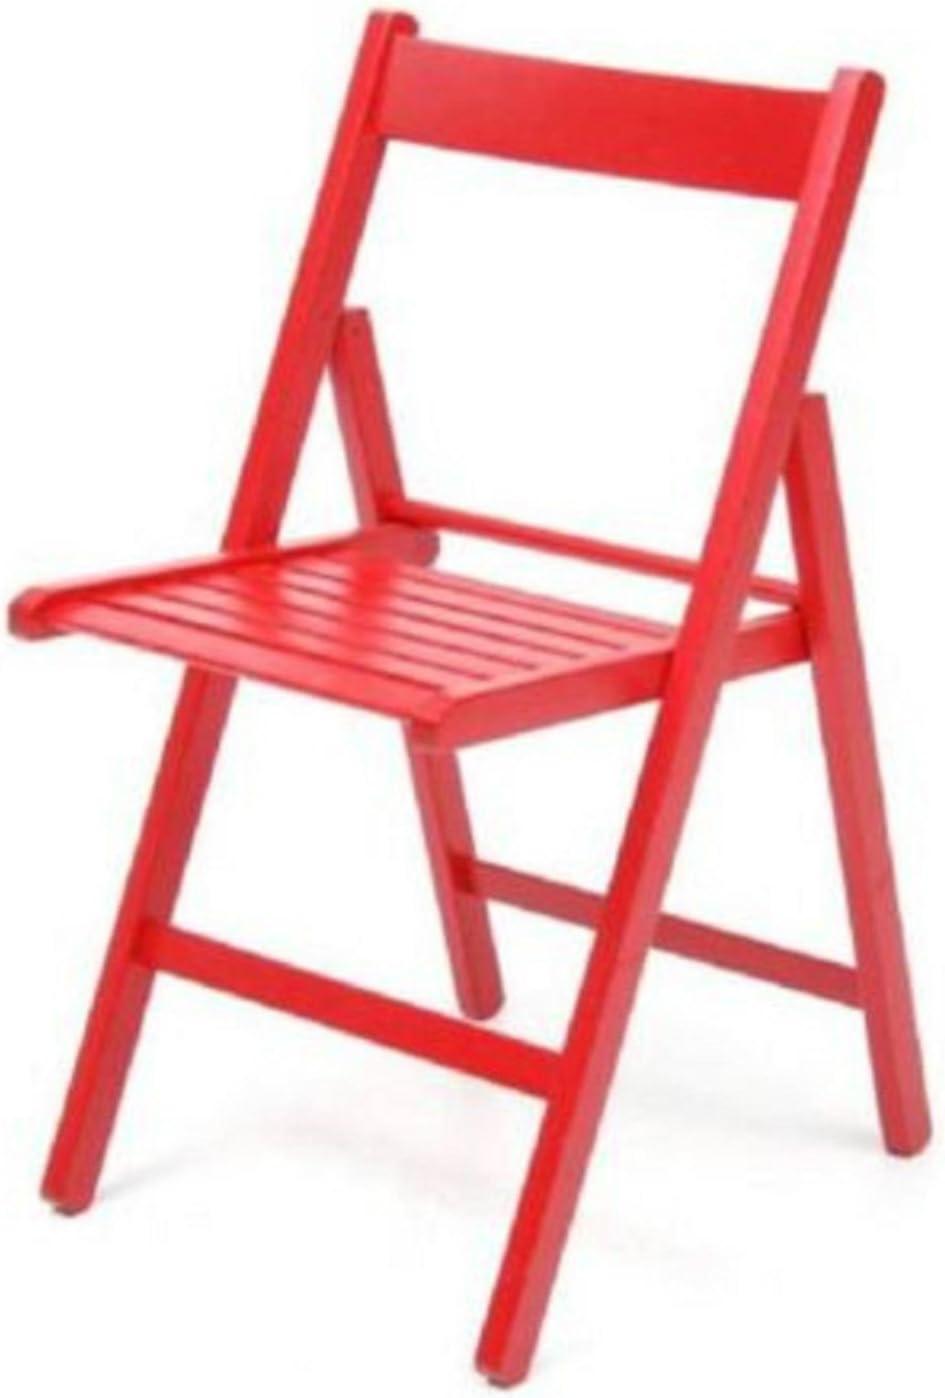 4 sedie pieghevole sedia birreria in legno verniciato VARI COLORI richiudibile per campeggio casa e giardino (GIALLO)